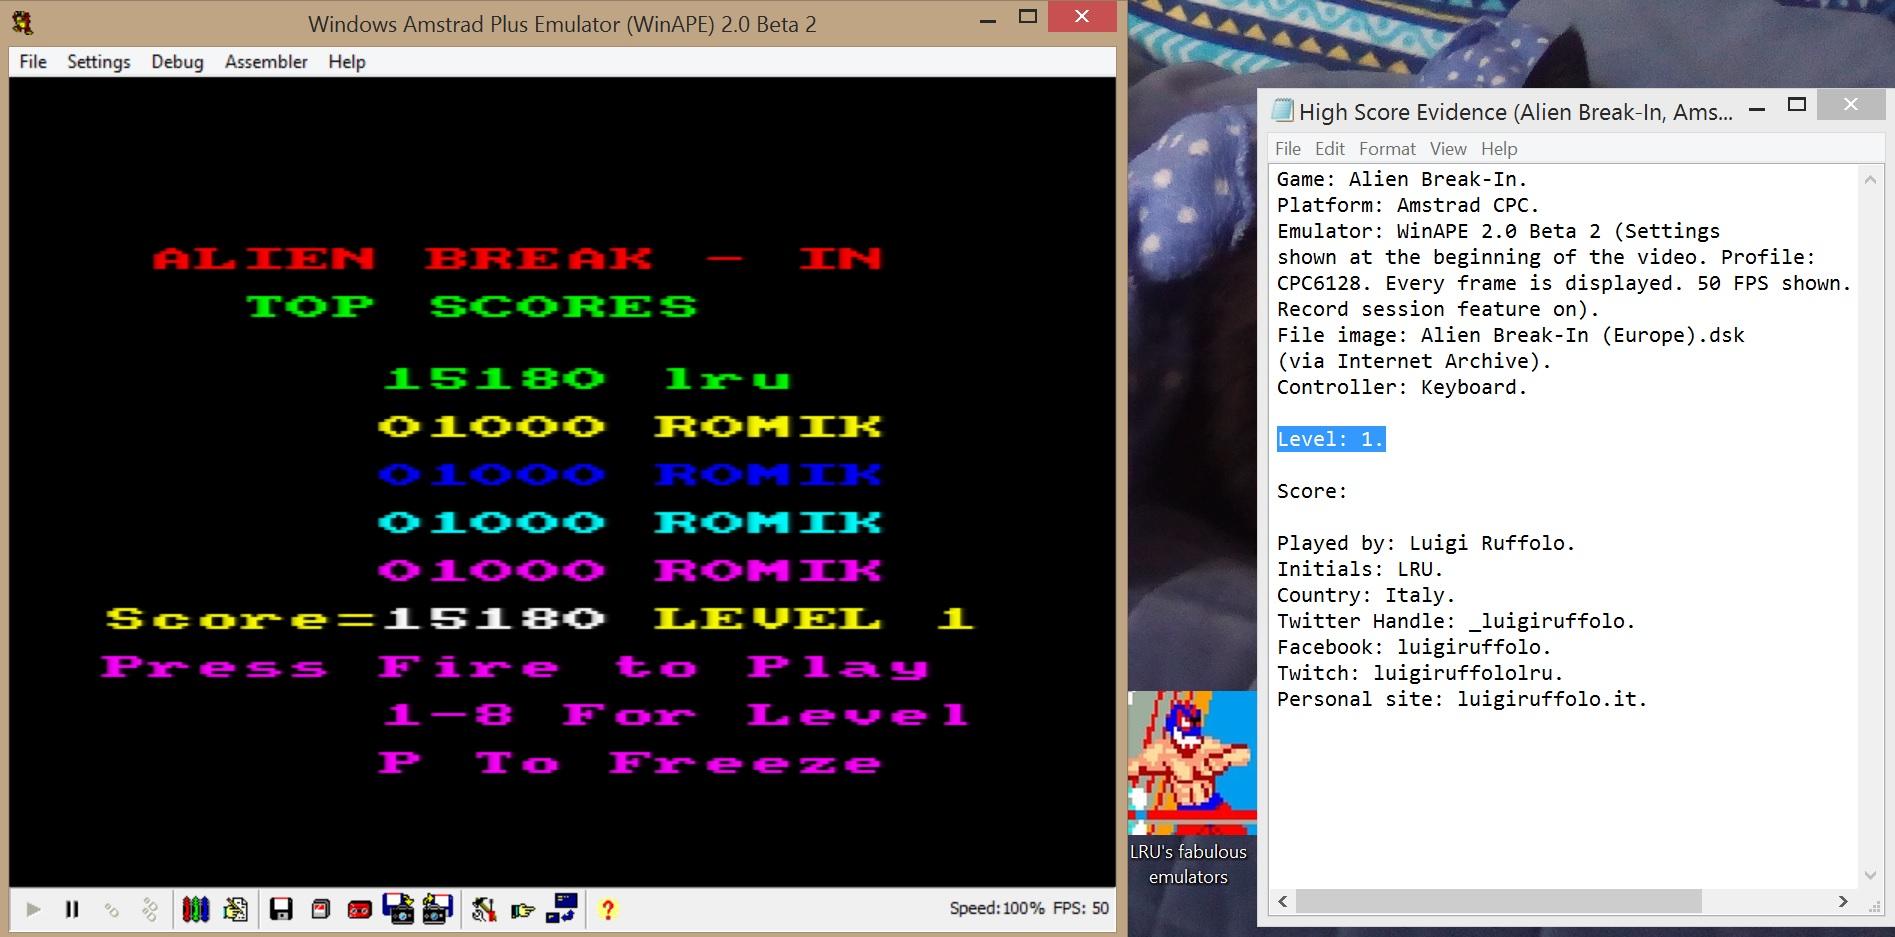 LuigiRuffolo: Alien Break-In [Level 1] (Amstrad CPC Emulated) 15,180 points on 2020-07-05 04:11:19